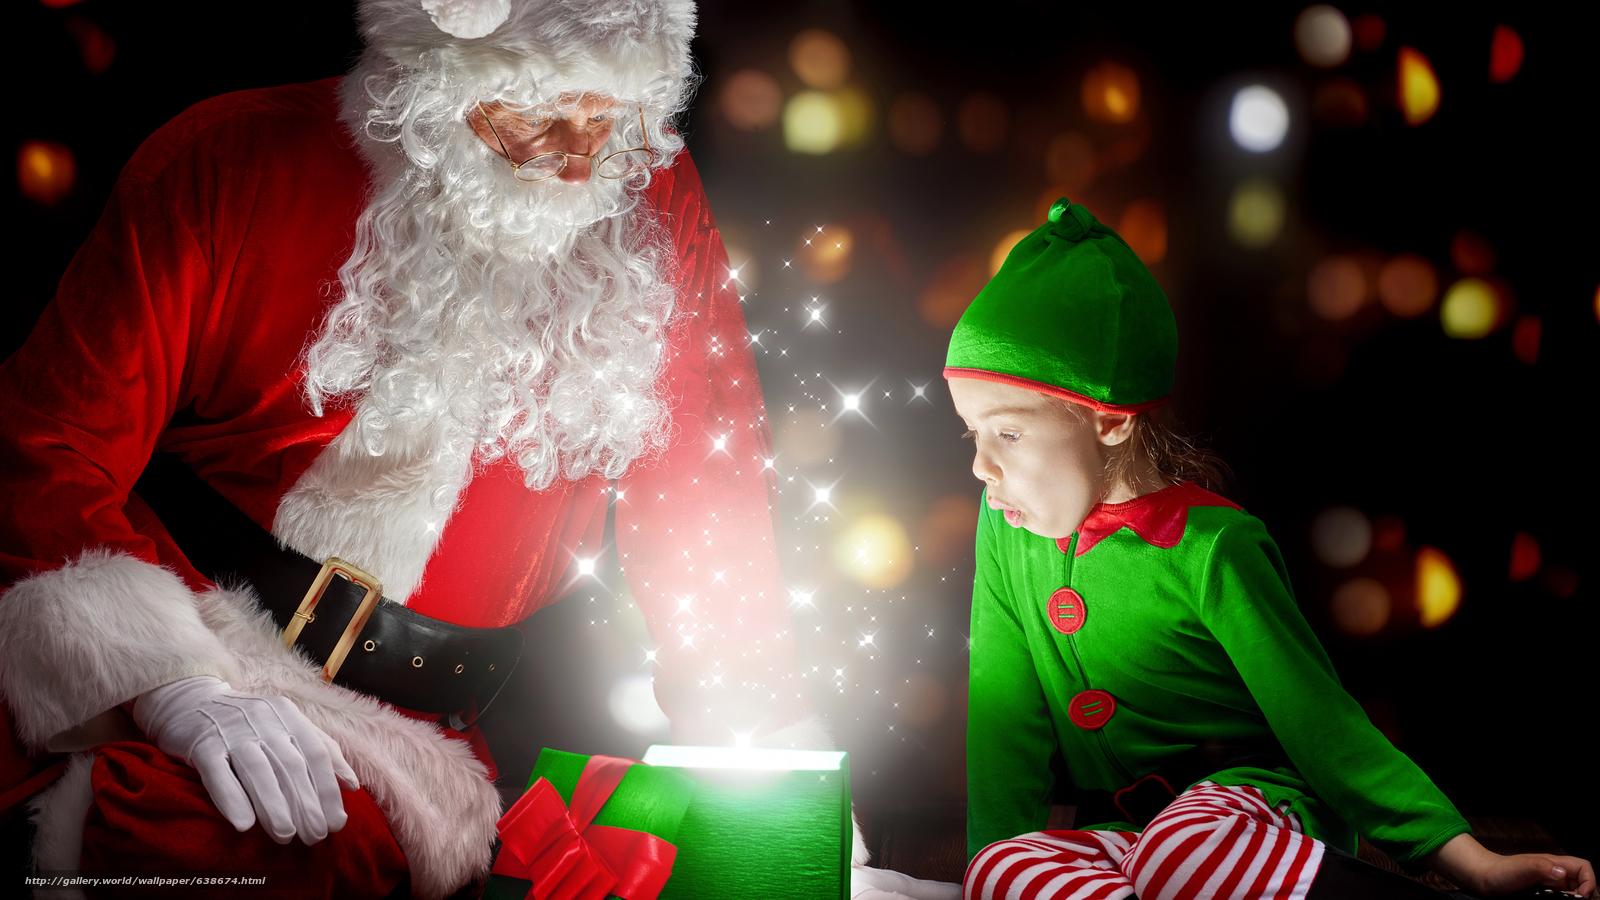 Скачать обои Дед Мороз,  Санта Клаус,  Новый год,  Рождество бесплатно для рабочего стола в разрешении 7680x4320 — картинка №638674